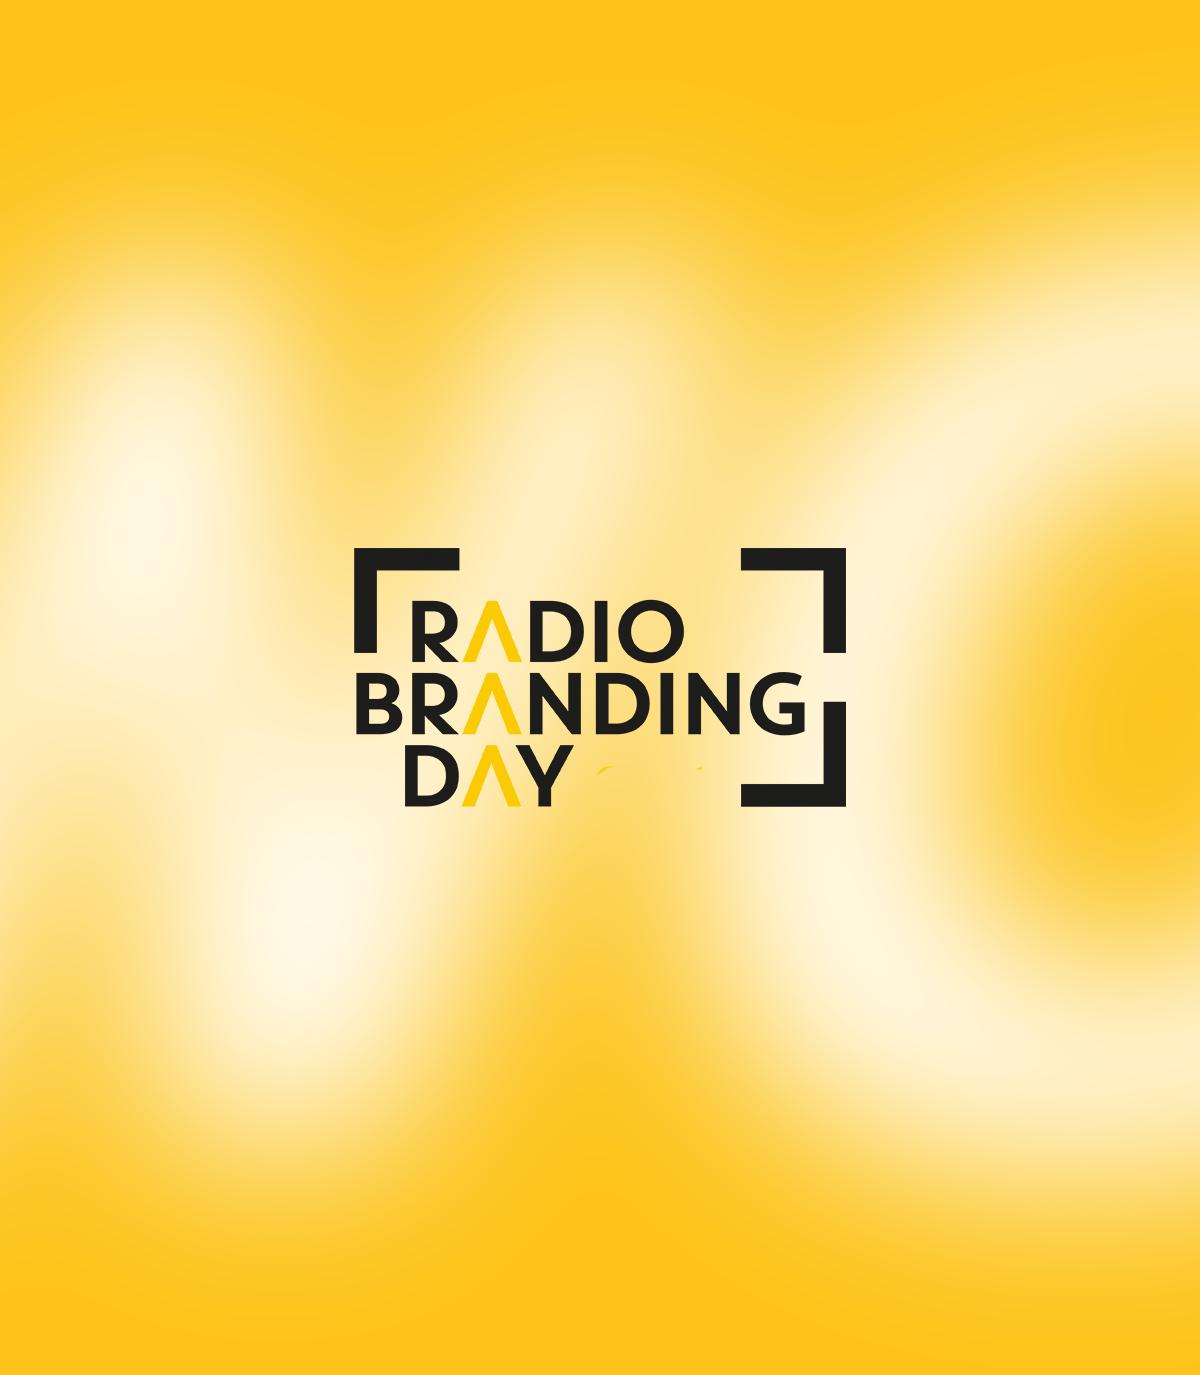 Radiobranding Day Logo auf gelbem Hintergrund